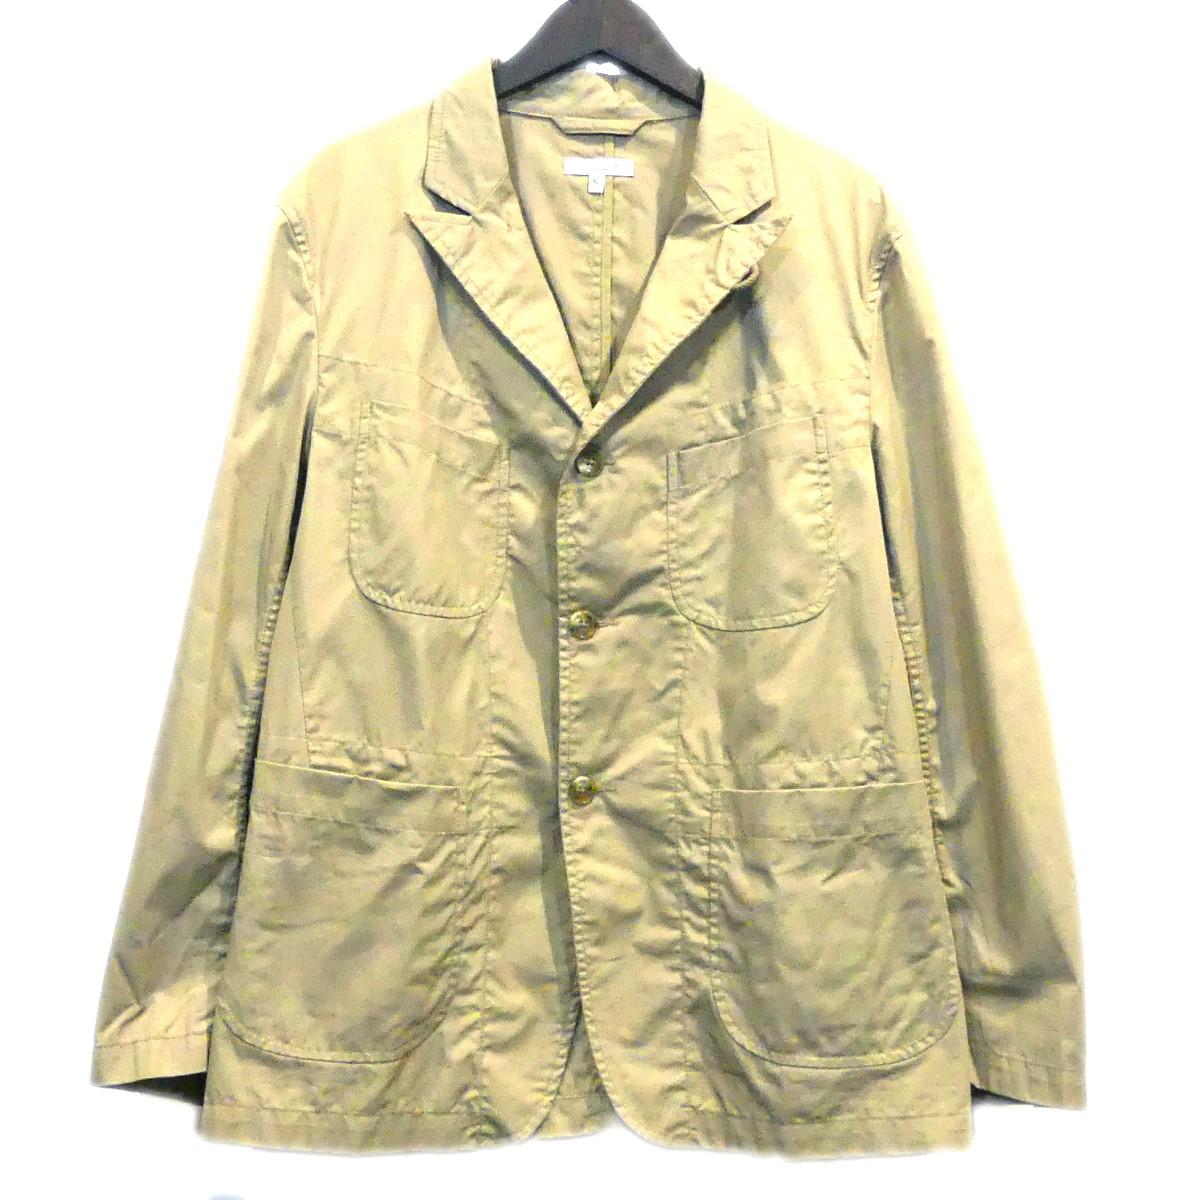 【中古】Engineered Garments NB New Bedford Jacket ベージュ サイズ:S 【300420】(エンジニアードガーメンツ)